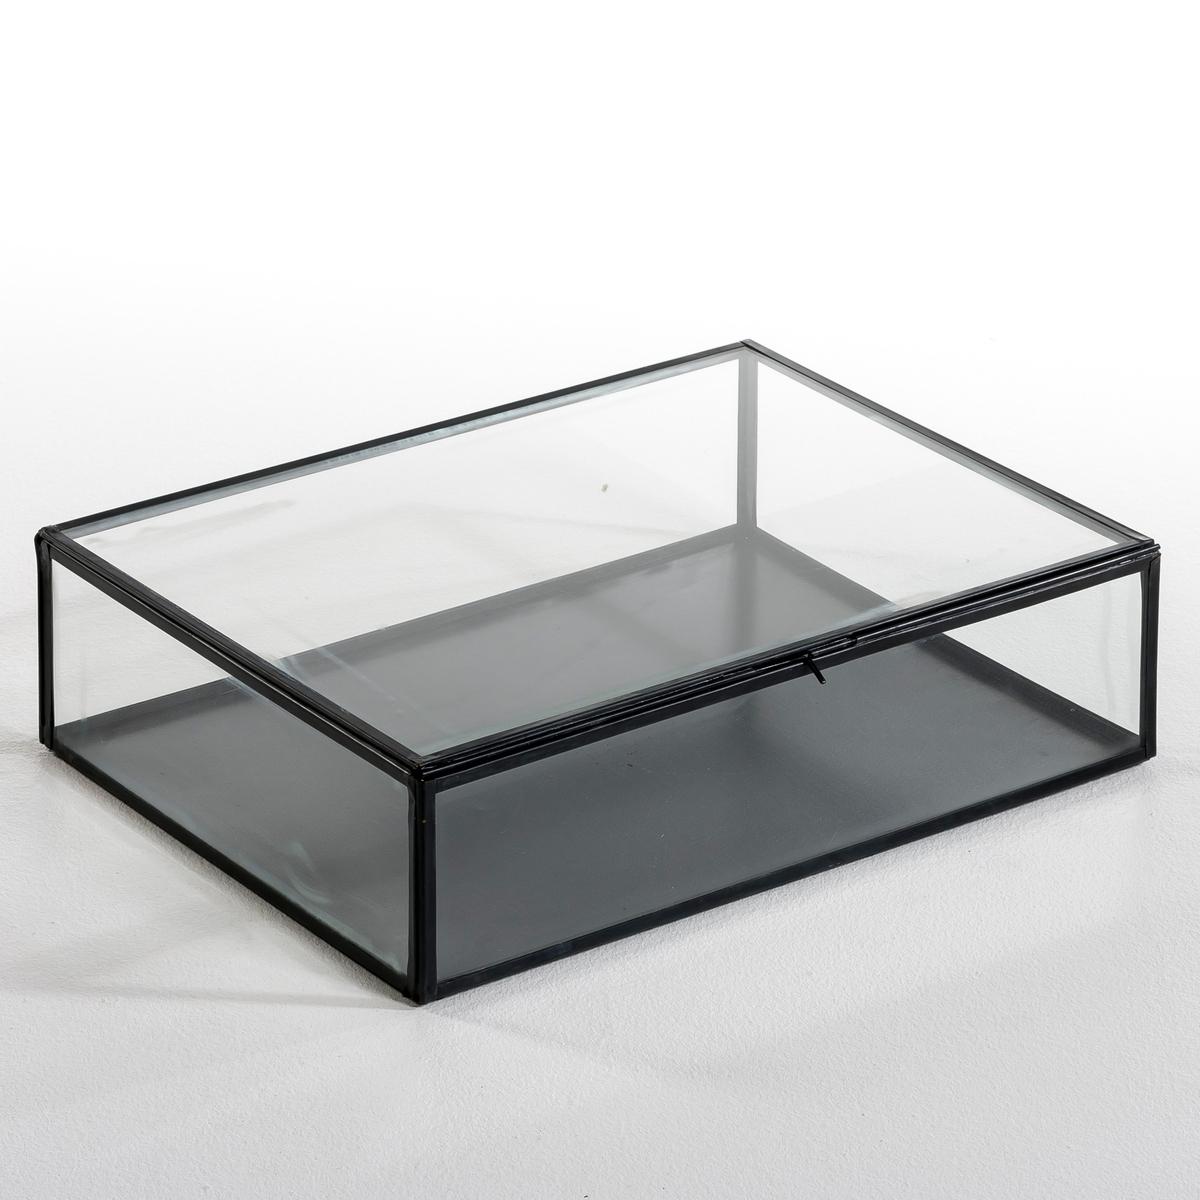 Коробка-витрина для хранения MisiaКоробка-витрина большая, Misia. Этот уникальный предмет декора позволит спрятать и, вместе с тем, выставить на всеобщее обозрение самые важные вещи и украшения. Изготовлена и собрана вручную. Уникальный аксессуар, который сделает декор комнаты неповторимым.Описание:- Выполнена из стекла и металлаРазмеры: - Д. 30 x В. 10,5 x Г. 40 см.    - Размеры внутри: Д. 29 x В. 10 x Г. 39 см.<br><br>Цвет: латунь,металл,черный<br>Размер: единый размер